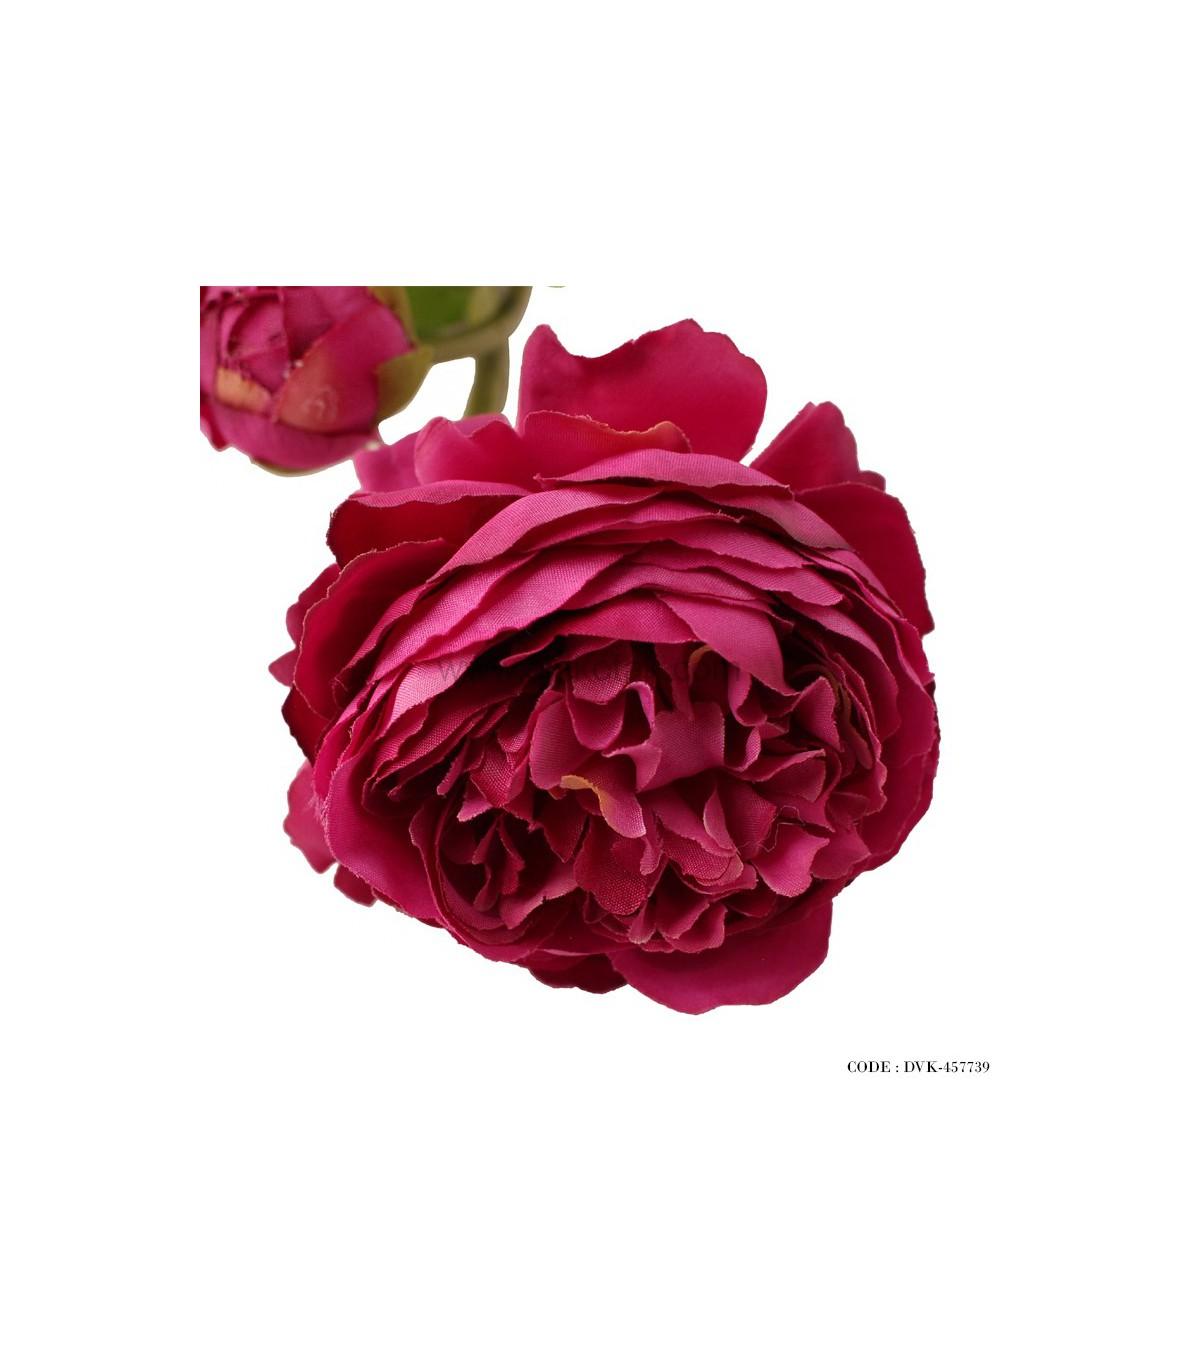 گل رز هلندی مصنوعی